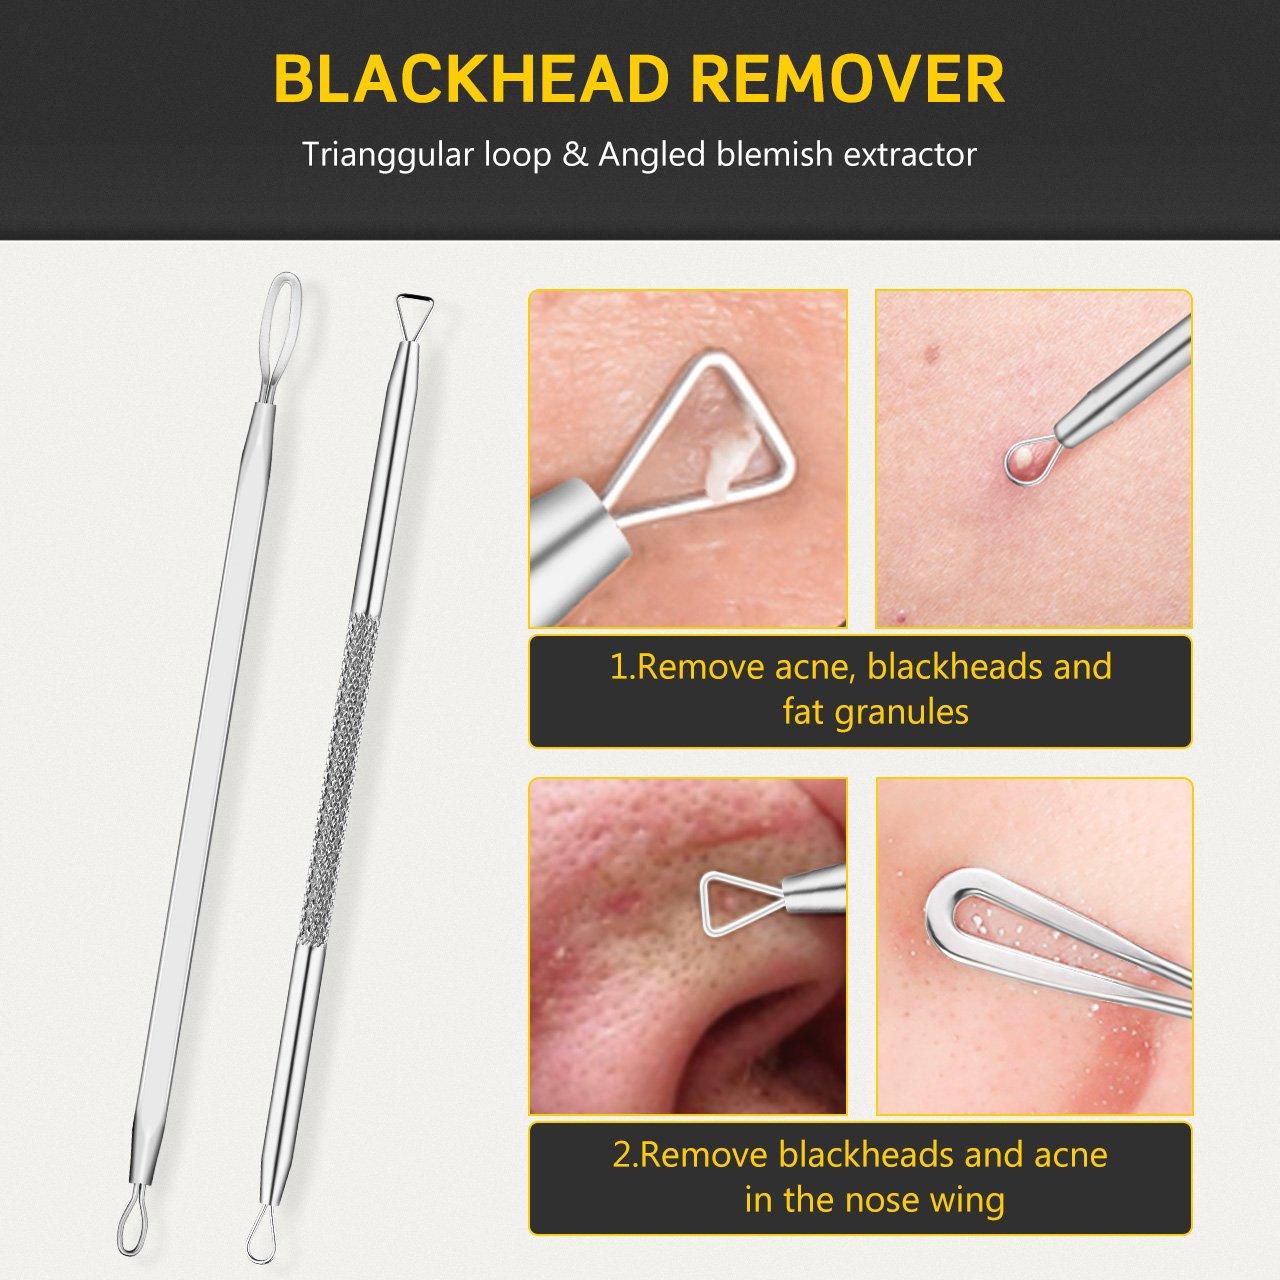 Blackhead Extractor Comedone Treatment Whitehead Image 3